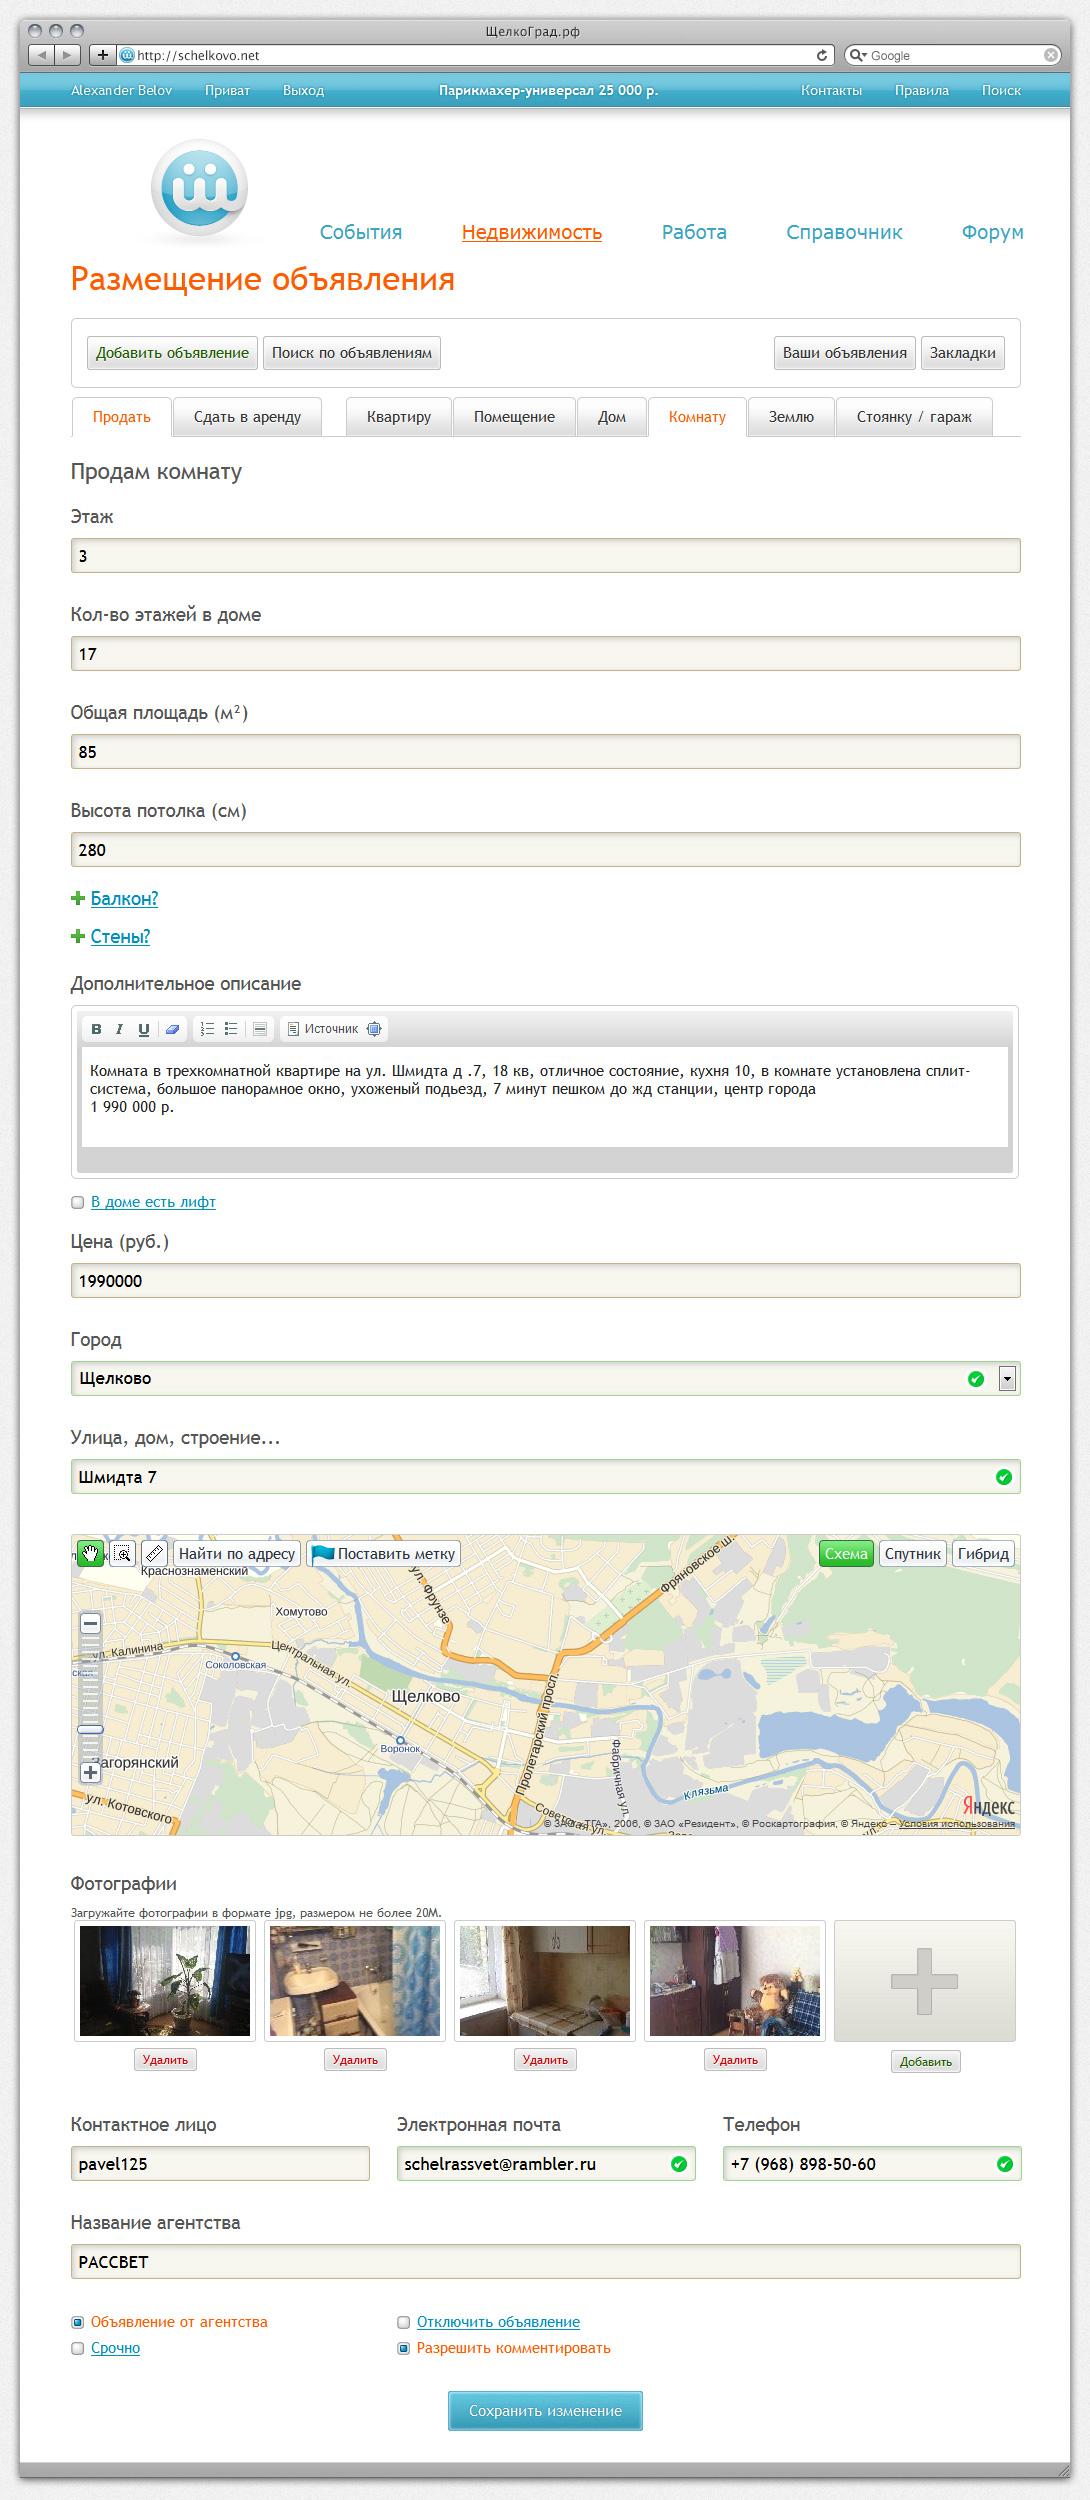 Щелково сайт города онлайн: расписания и адреса в г ...